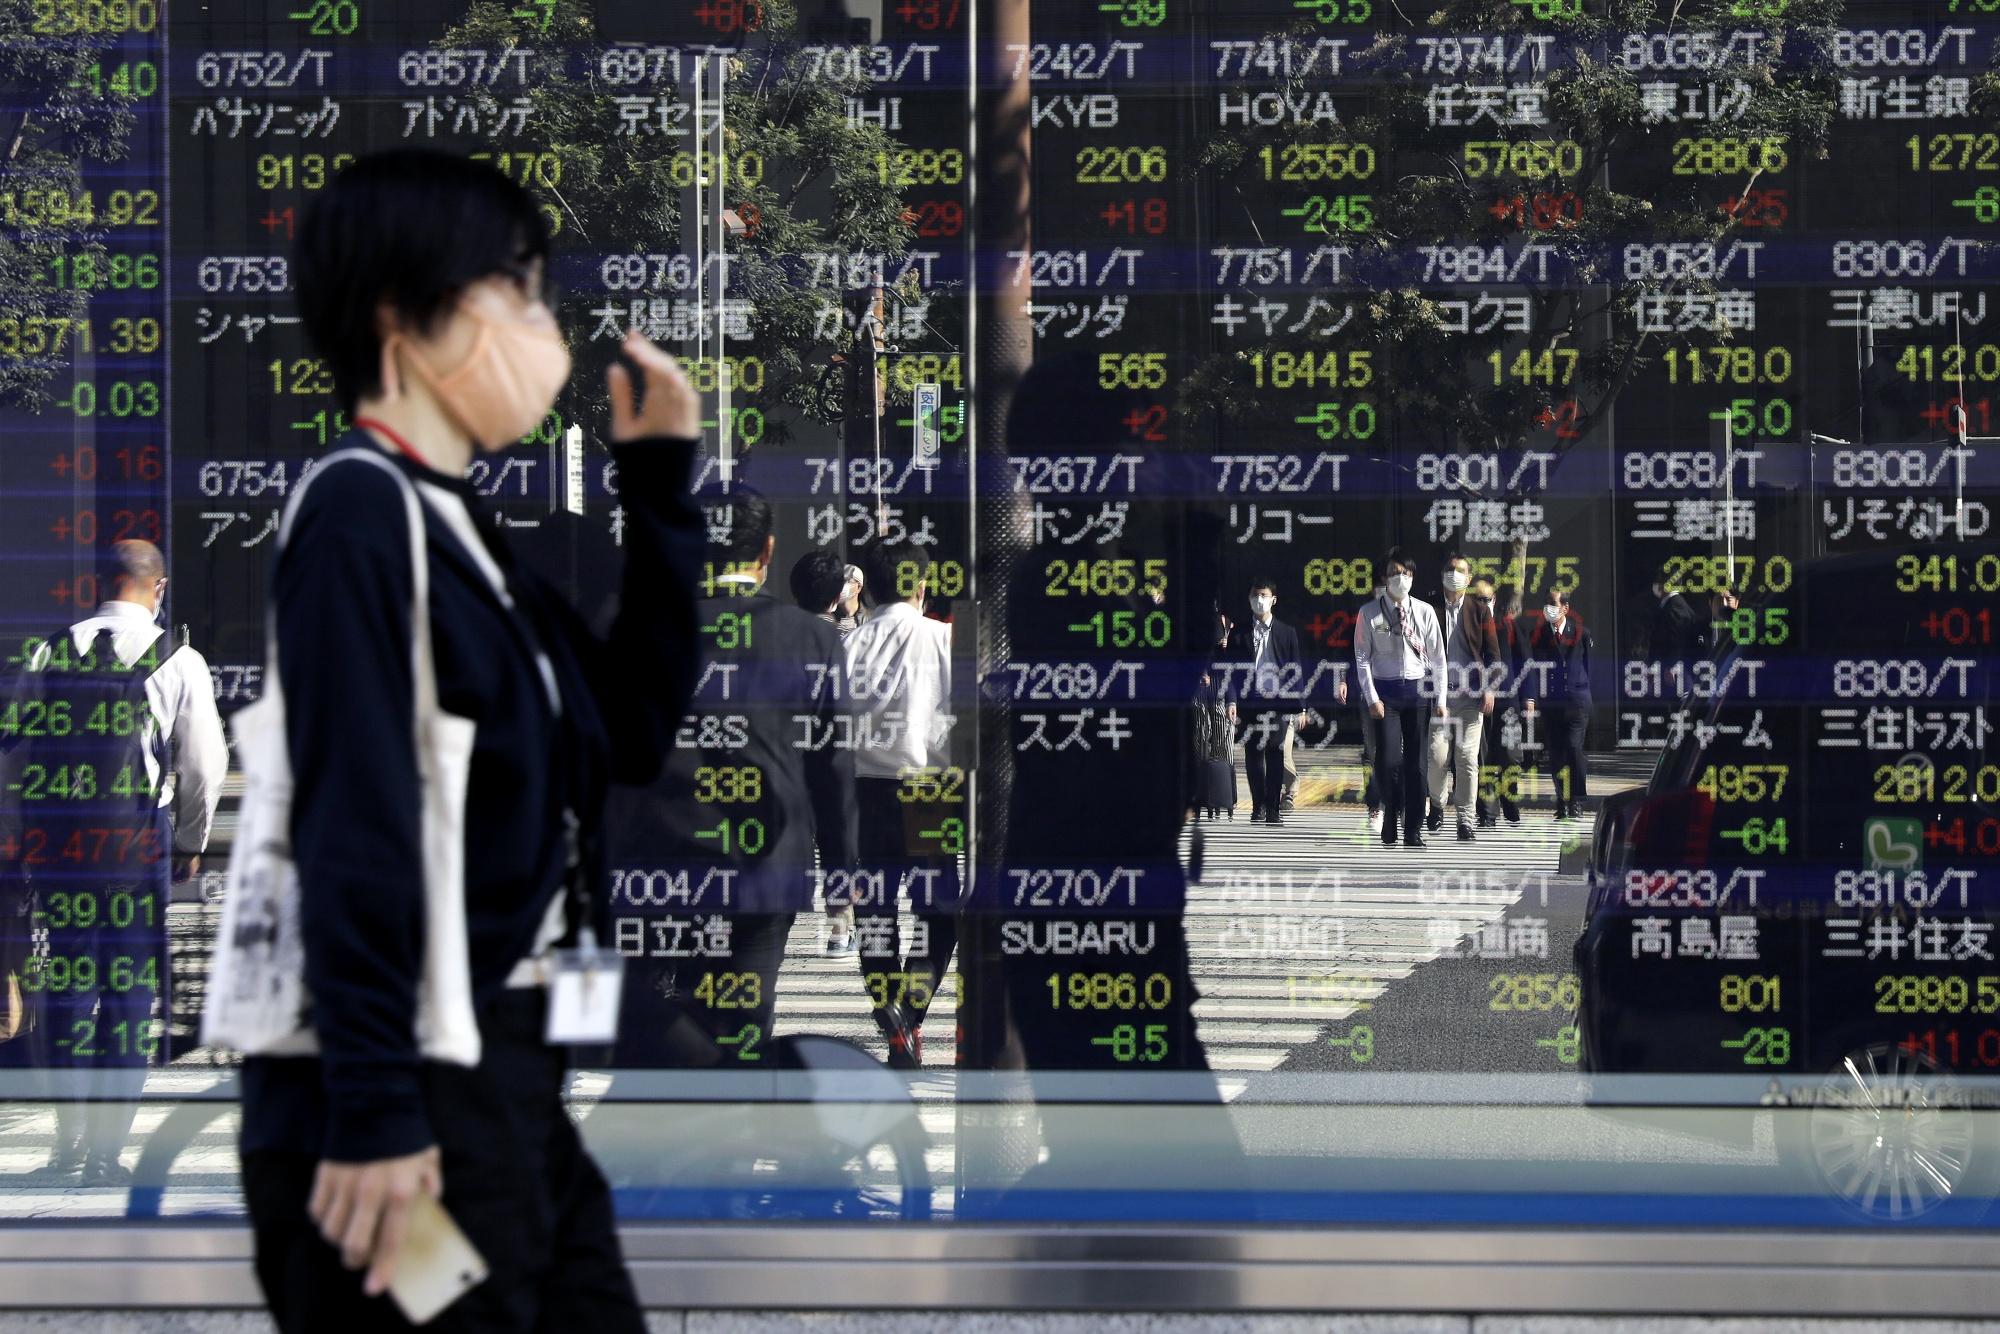 の 株価 パナソニック